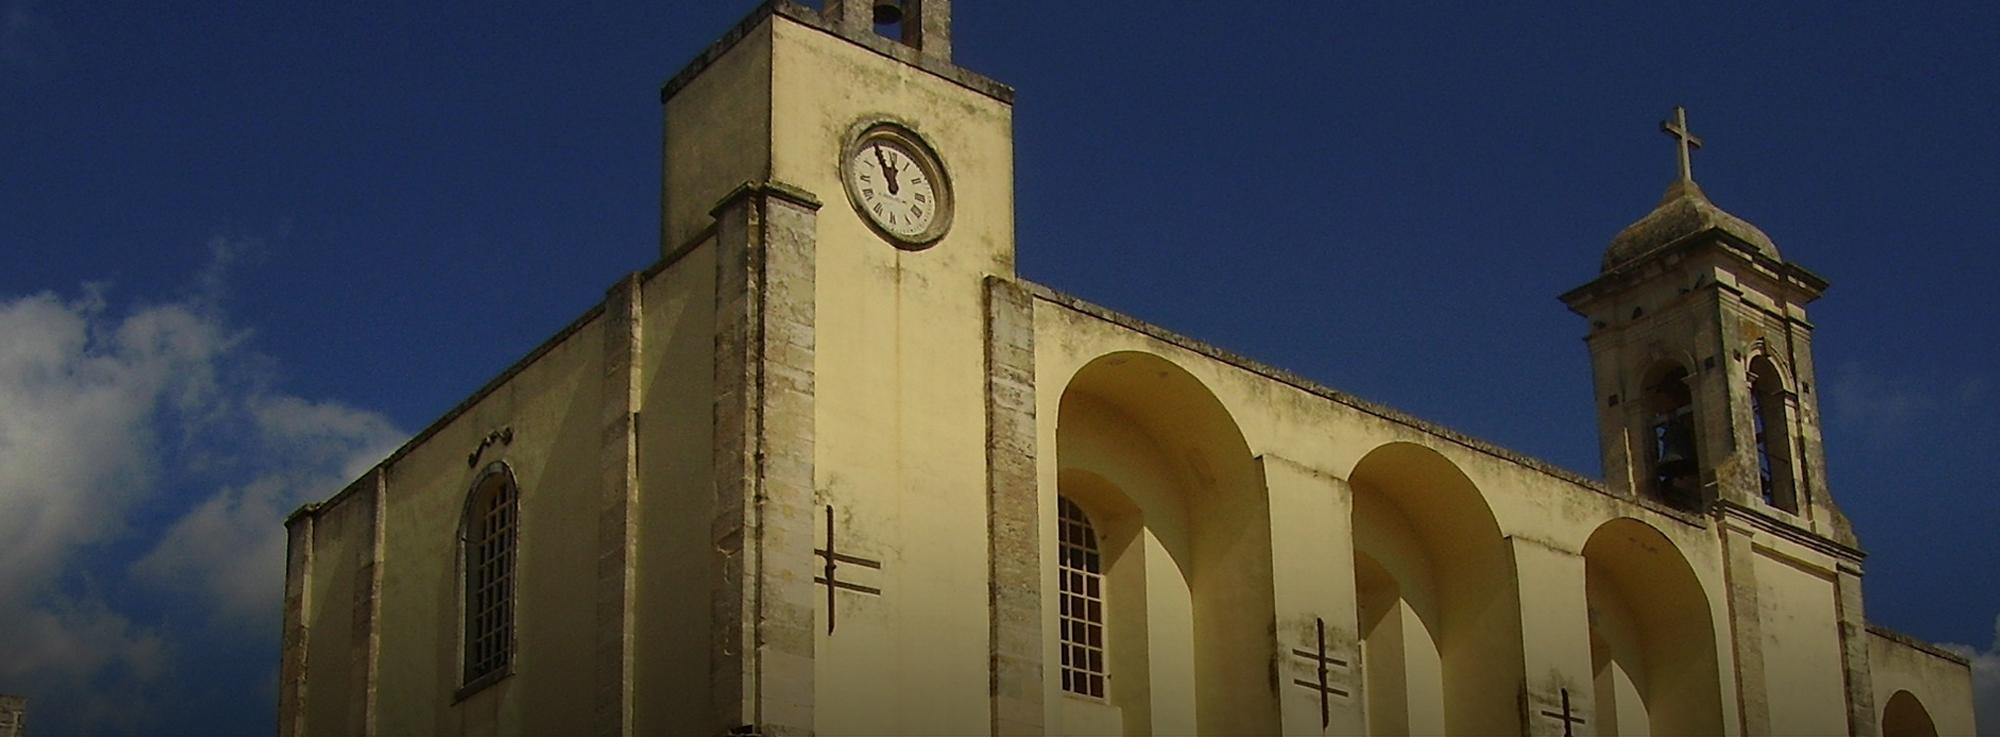 San Cassiano: Sagra di San Giuseppe